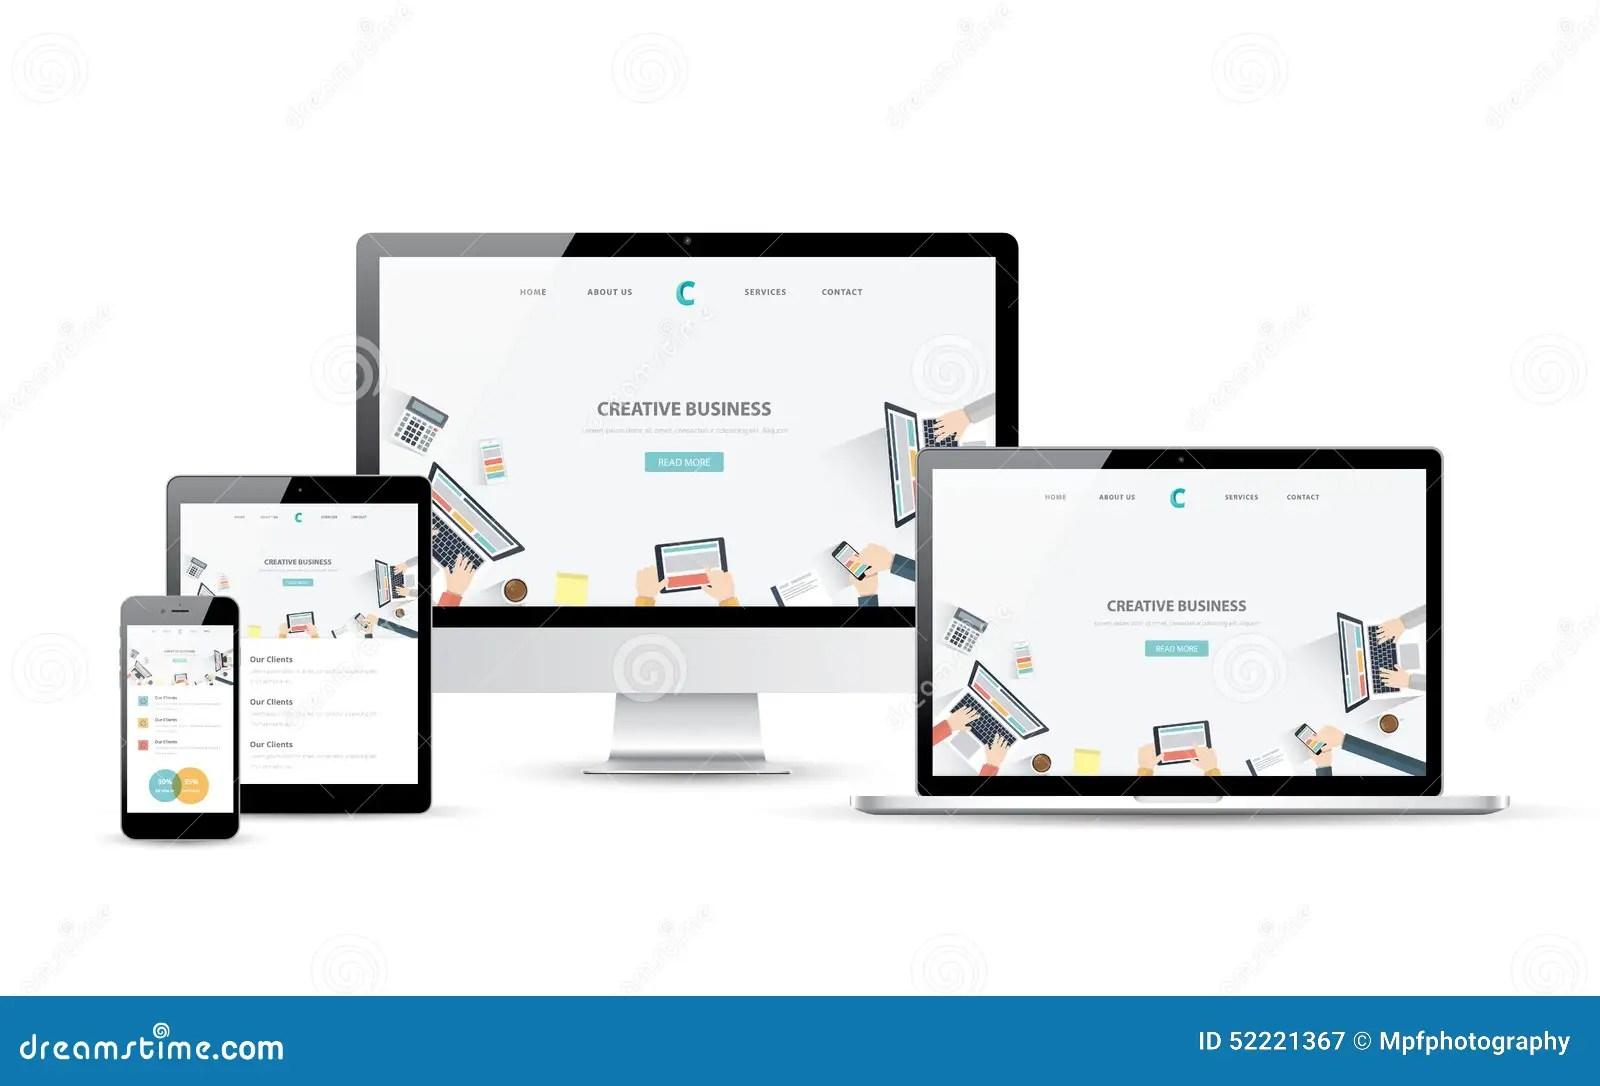 Responsive Web Design And Website Development Vector